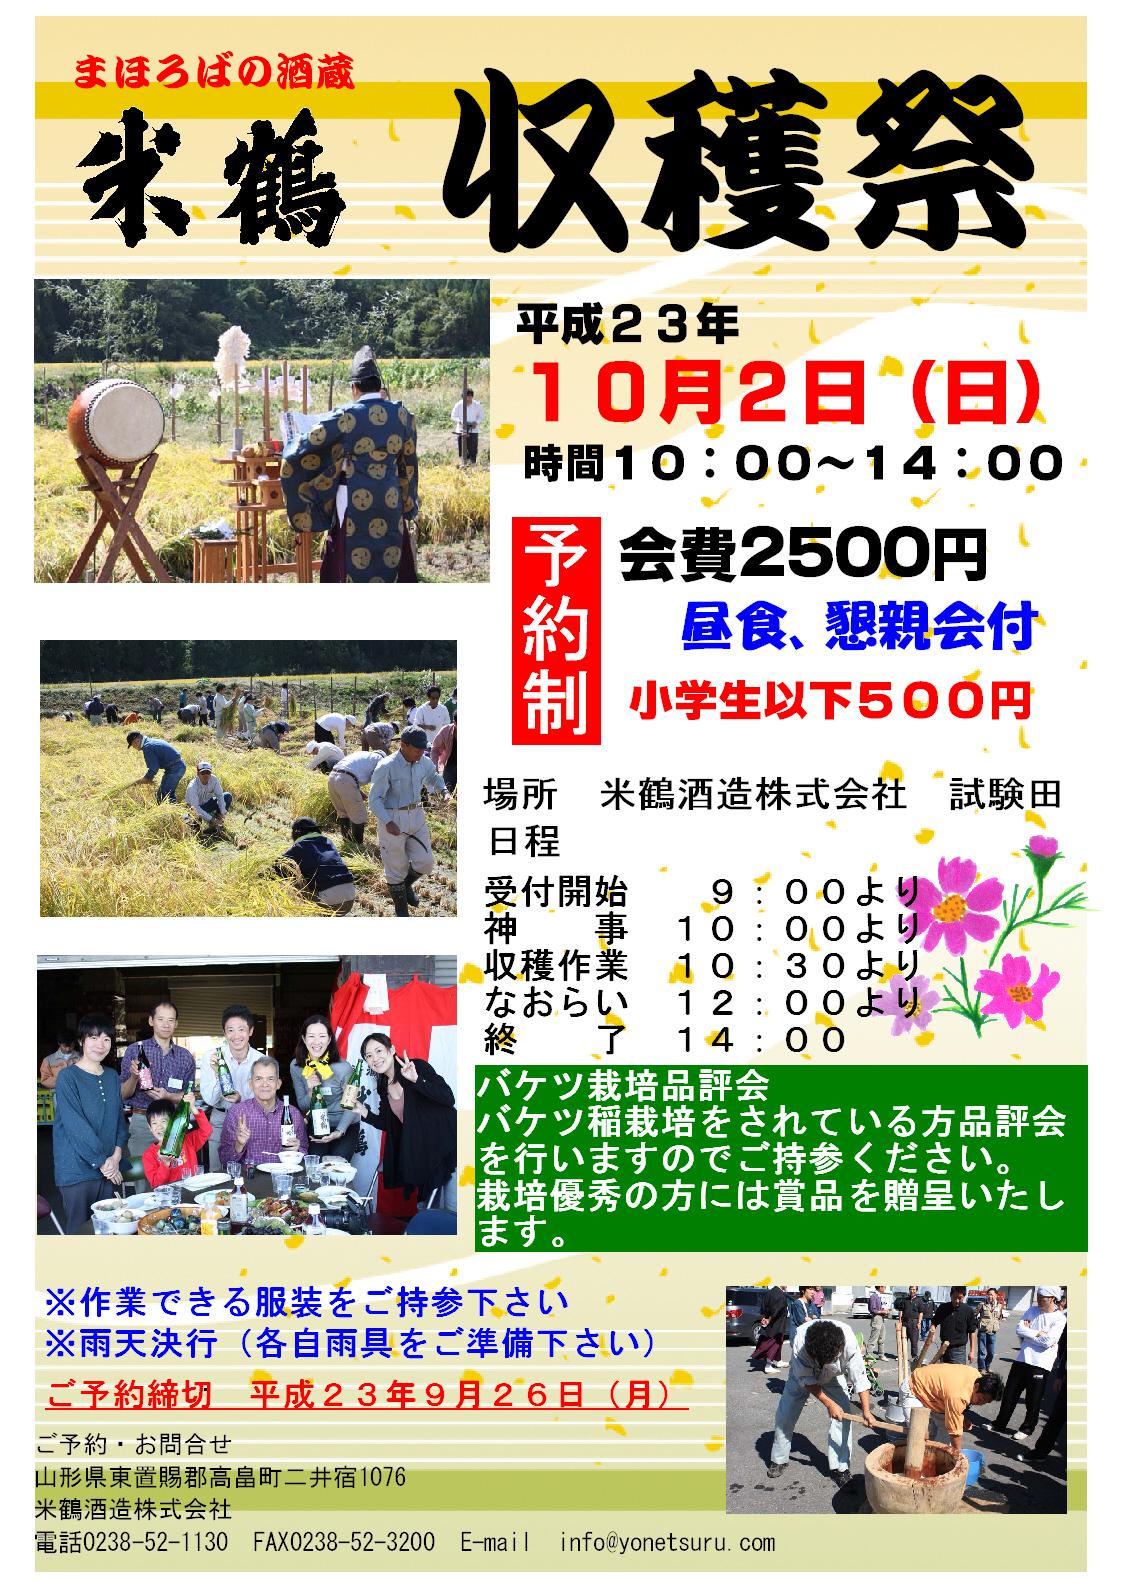 「平成23年度 米鶴酒造 収穫祭」開催のお知らせ:画像